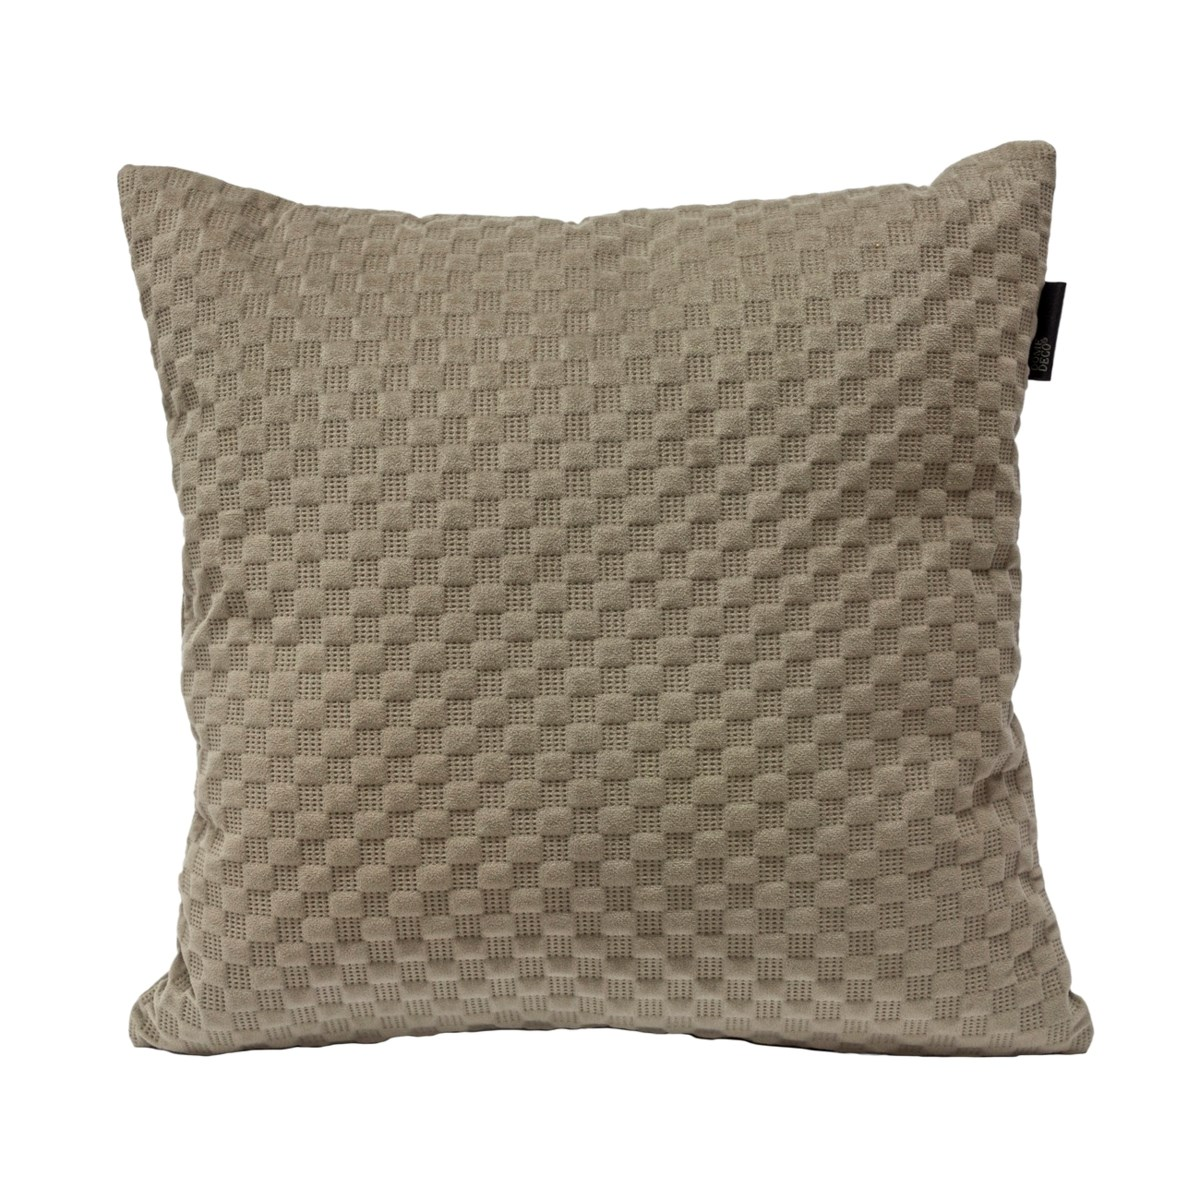 Cib Cushion